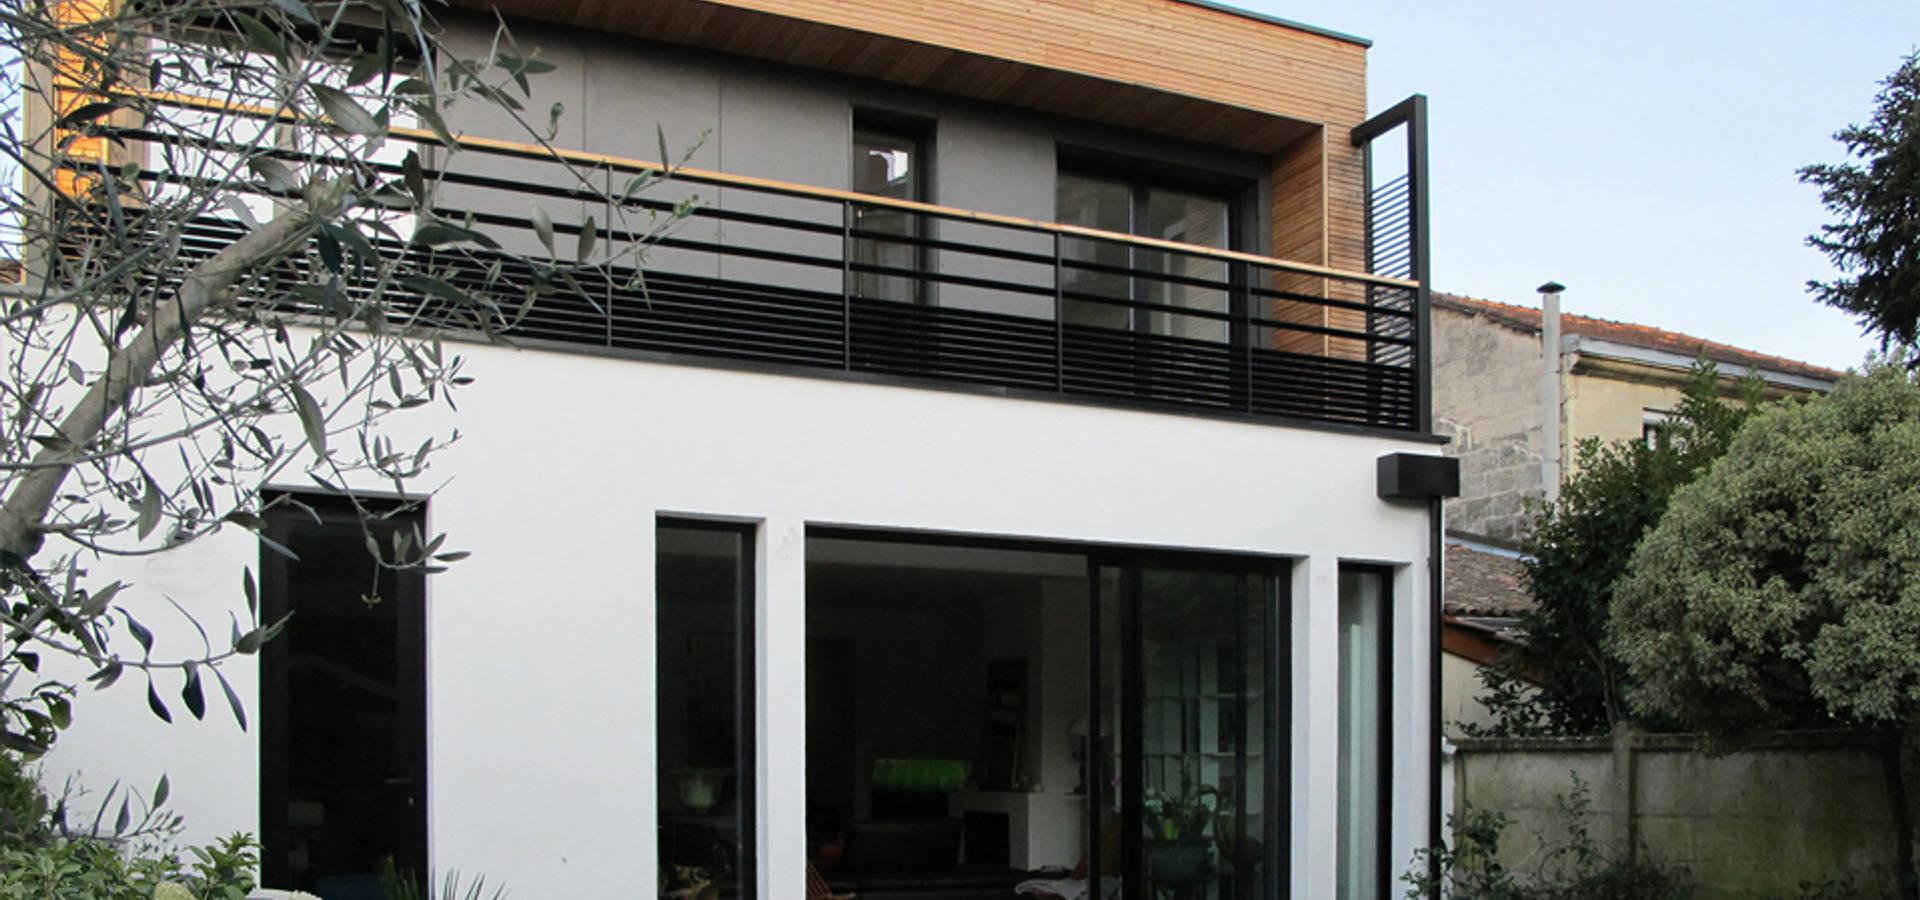 R novation sur l vation d 39 une choppe by eirl hugues for Au jardin guest house riebeeckstad